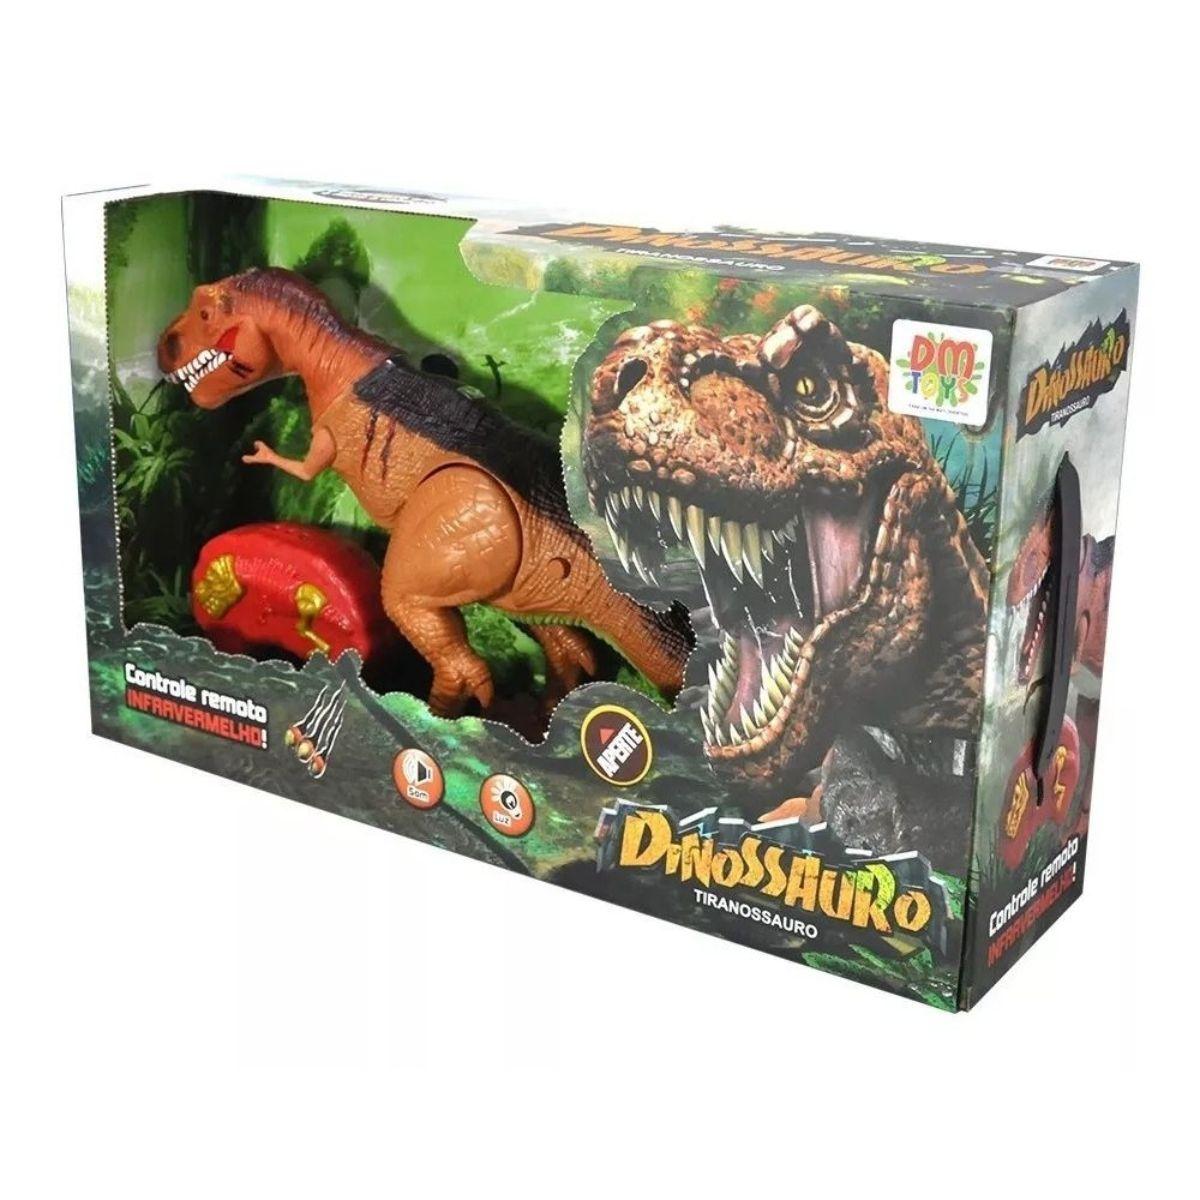 Dinossauro Tiranossauro de Controle Remoto DM Toys